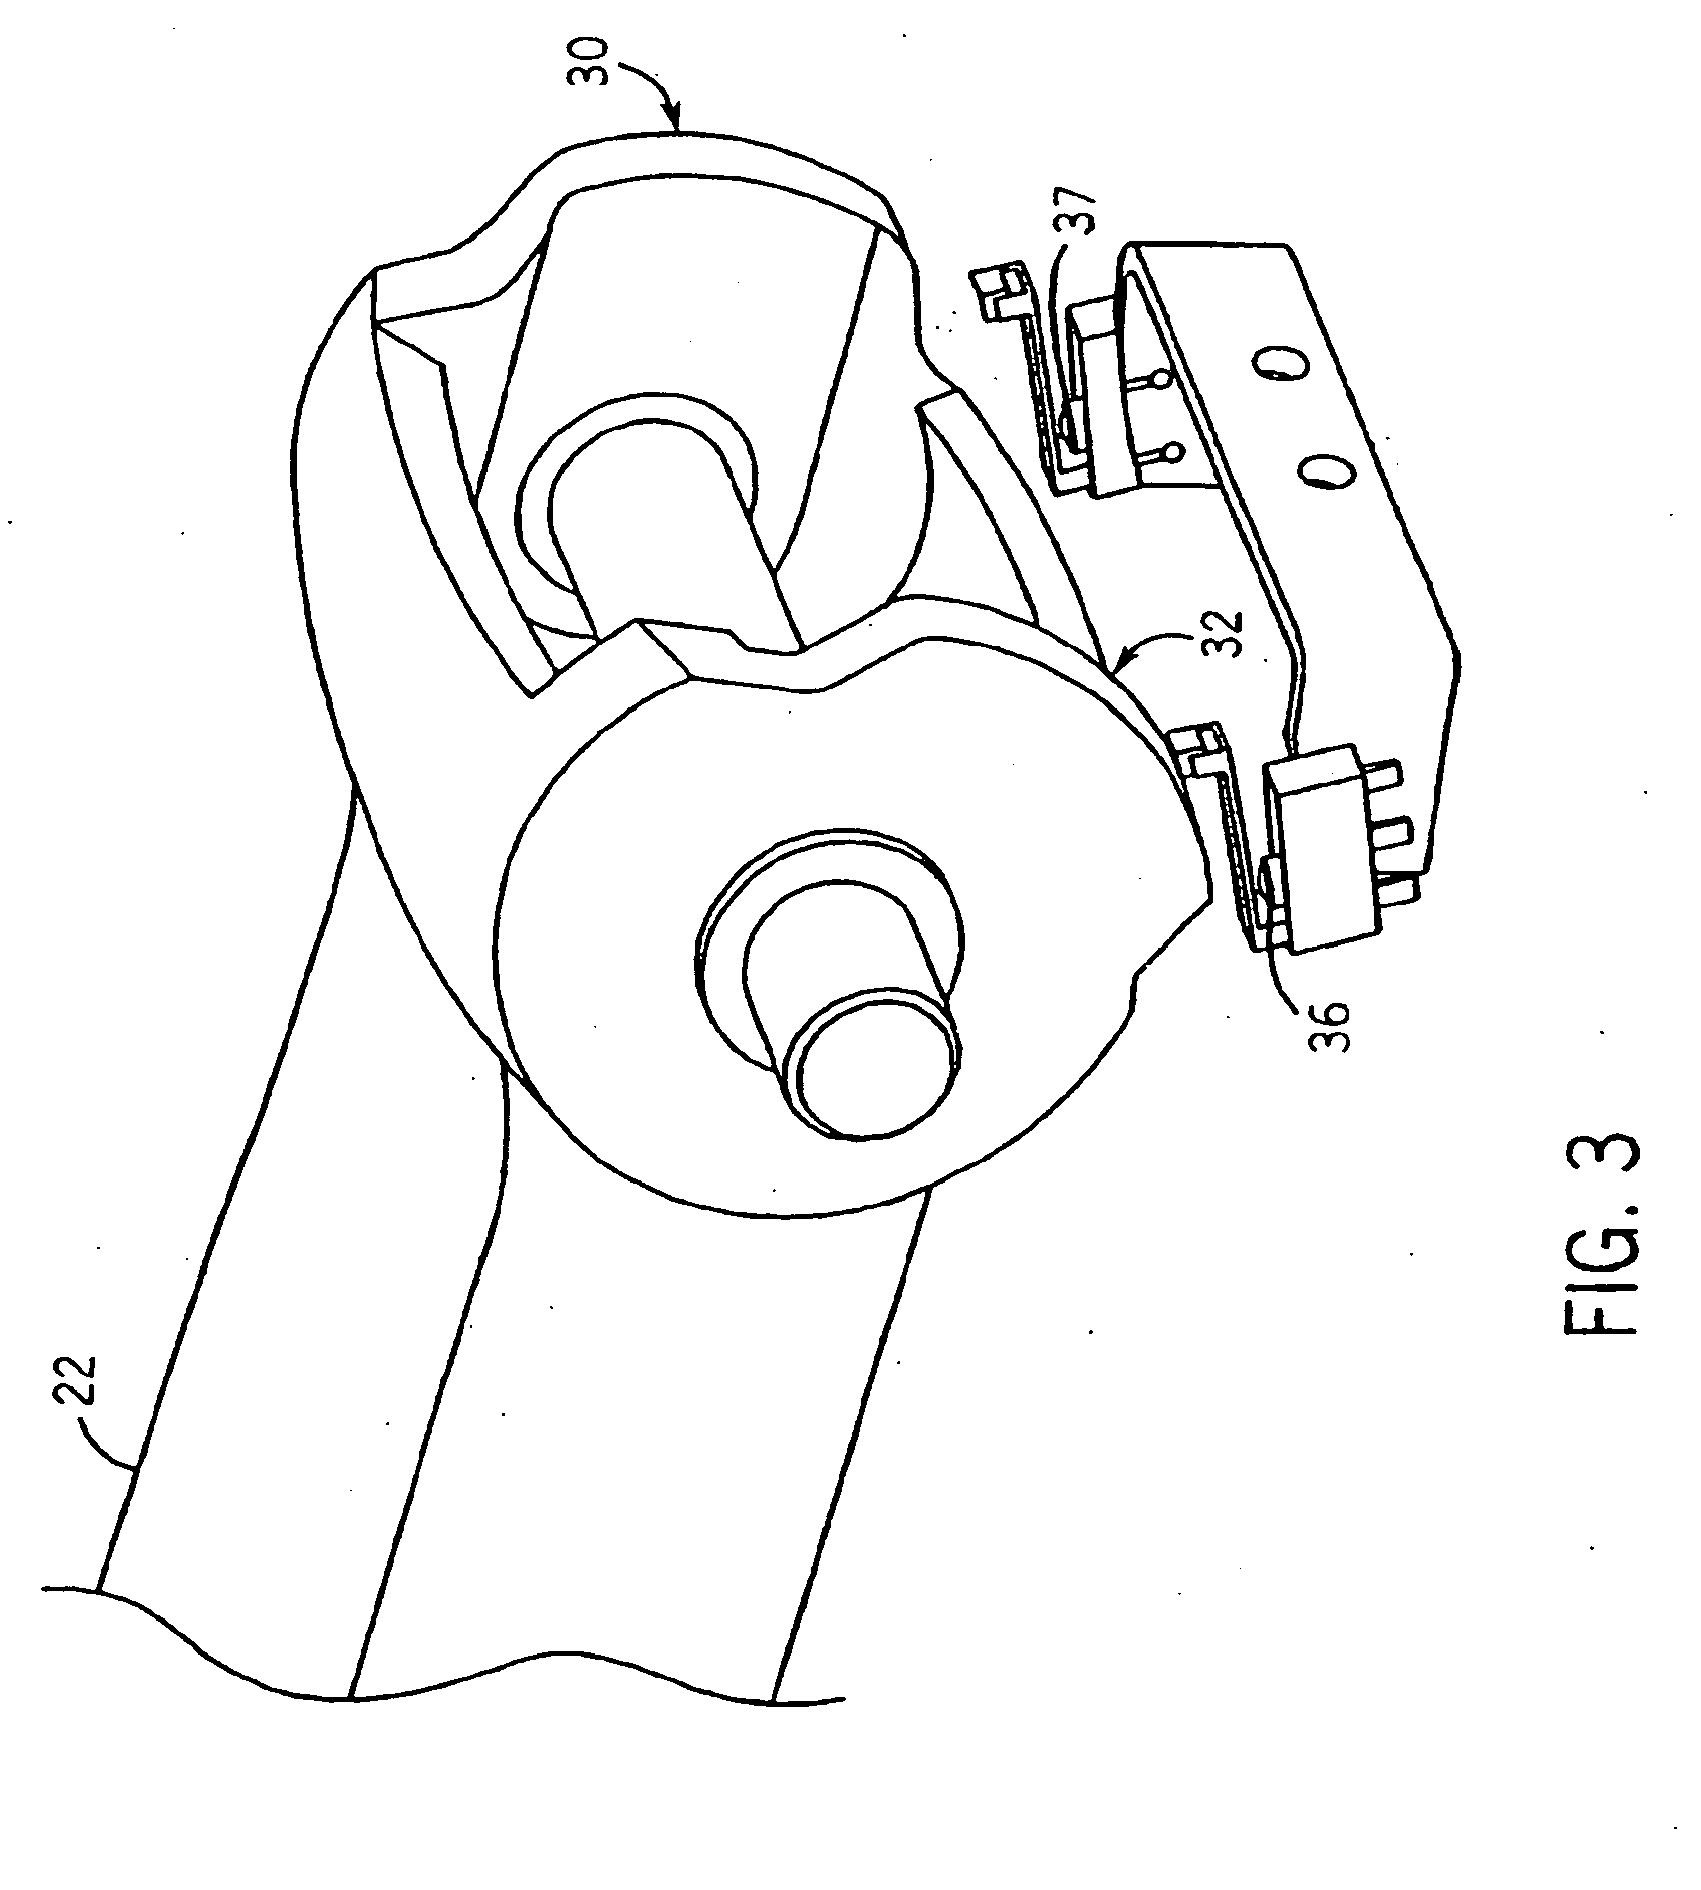 patent ep1655211b1 flurf rderzeugdeichsel mit beschleunigungsregelung google patentsuche. Black Bedroom Furniture Sets. Home Design Ideas